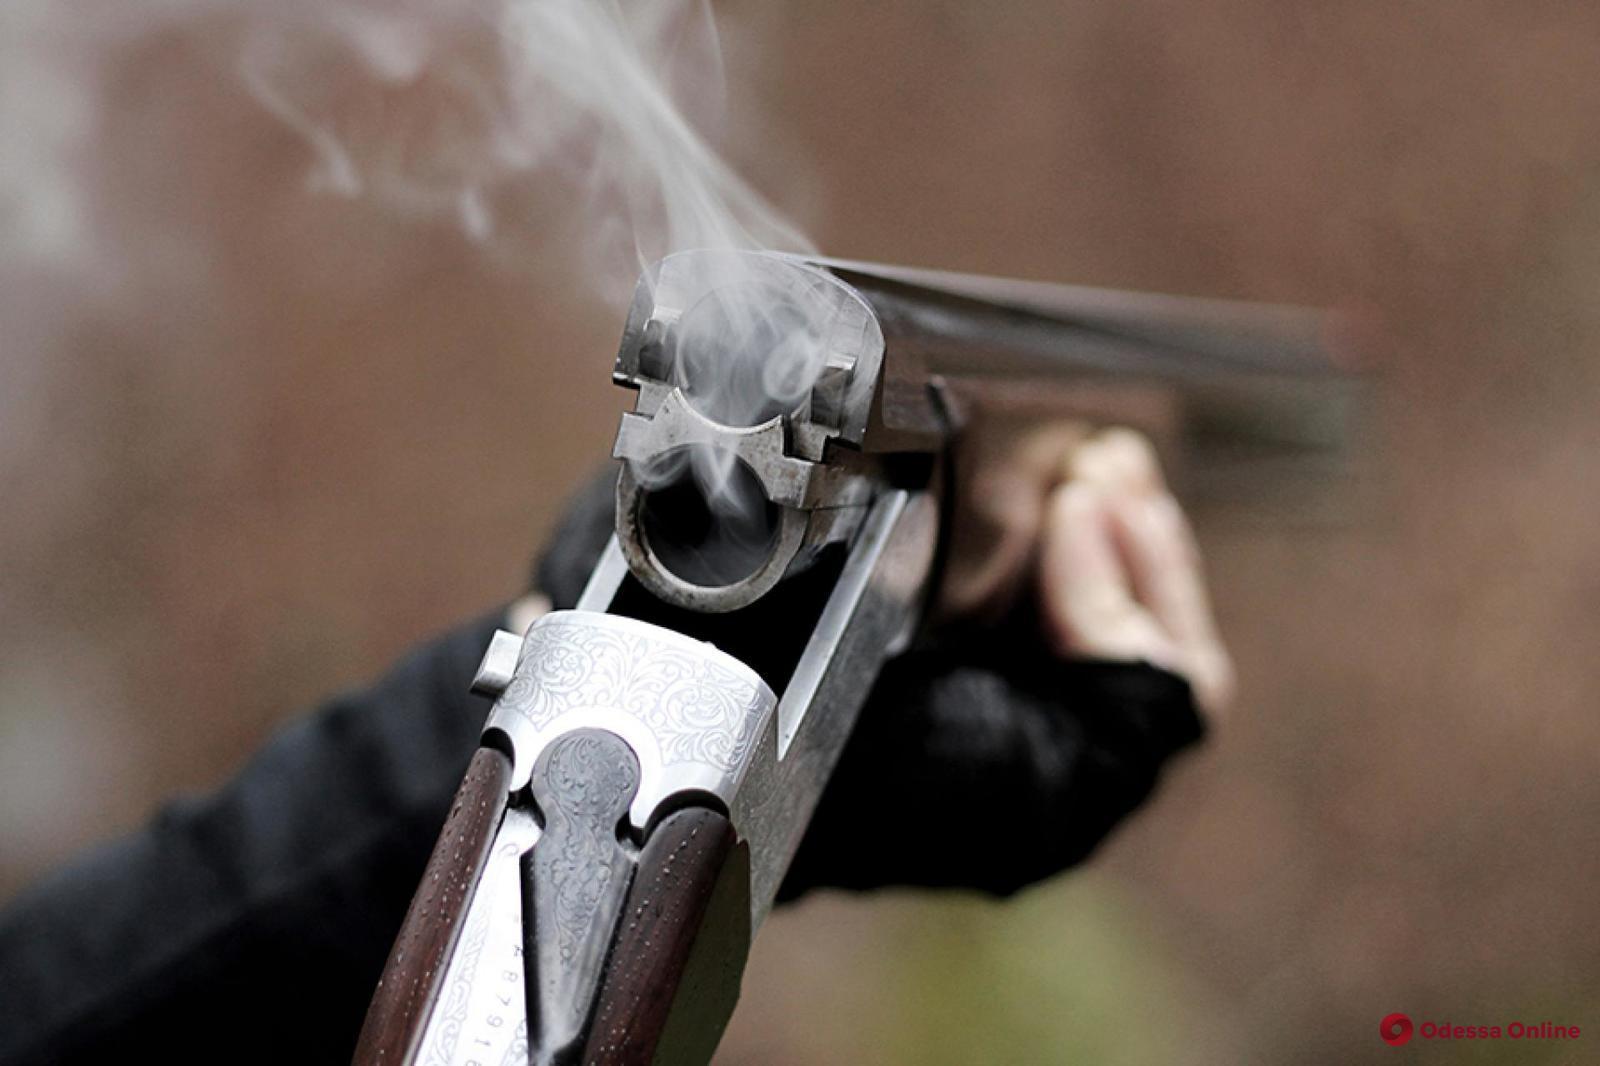 В Одесской области охотник нечаянно выстрелил в грудь товарищу